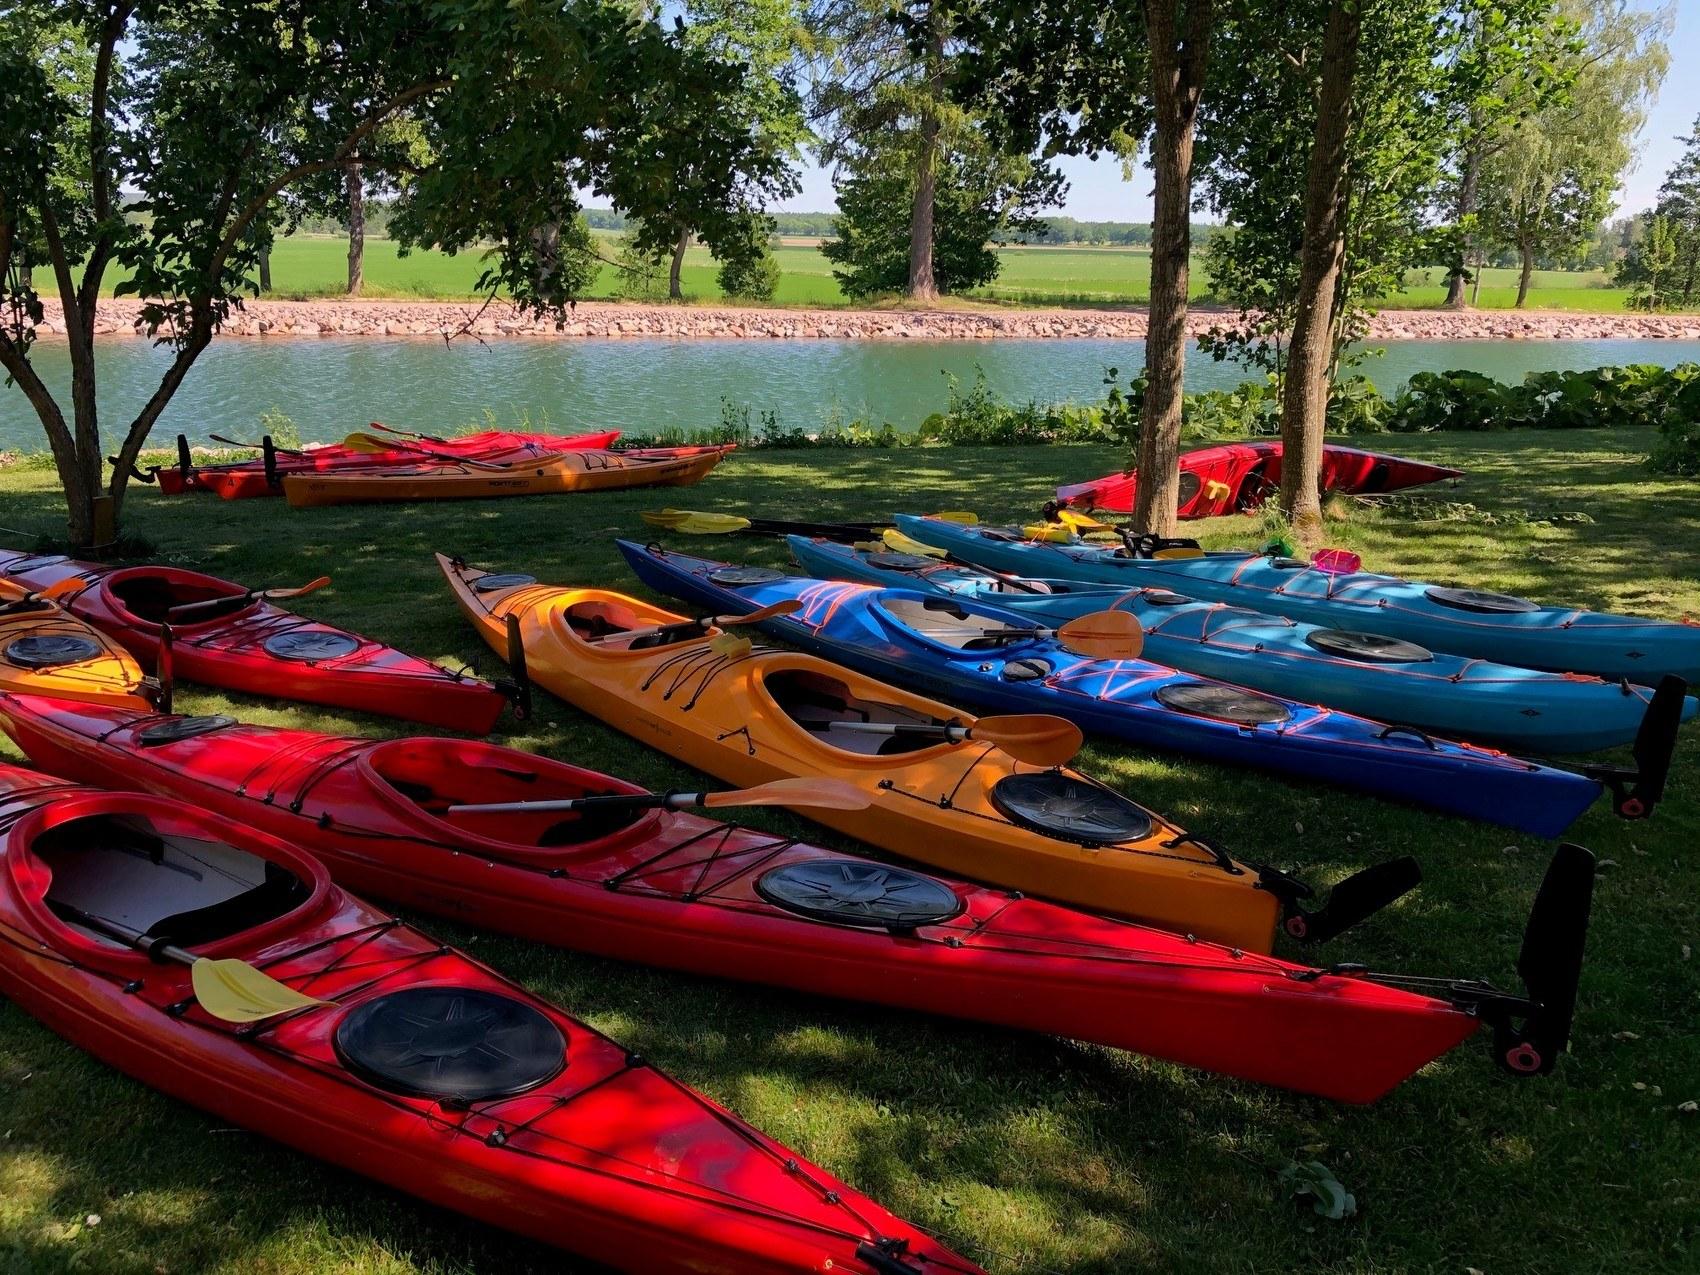 Röda, blåa och orangea kajaker ligger på gräset intill kanalen